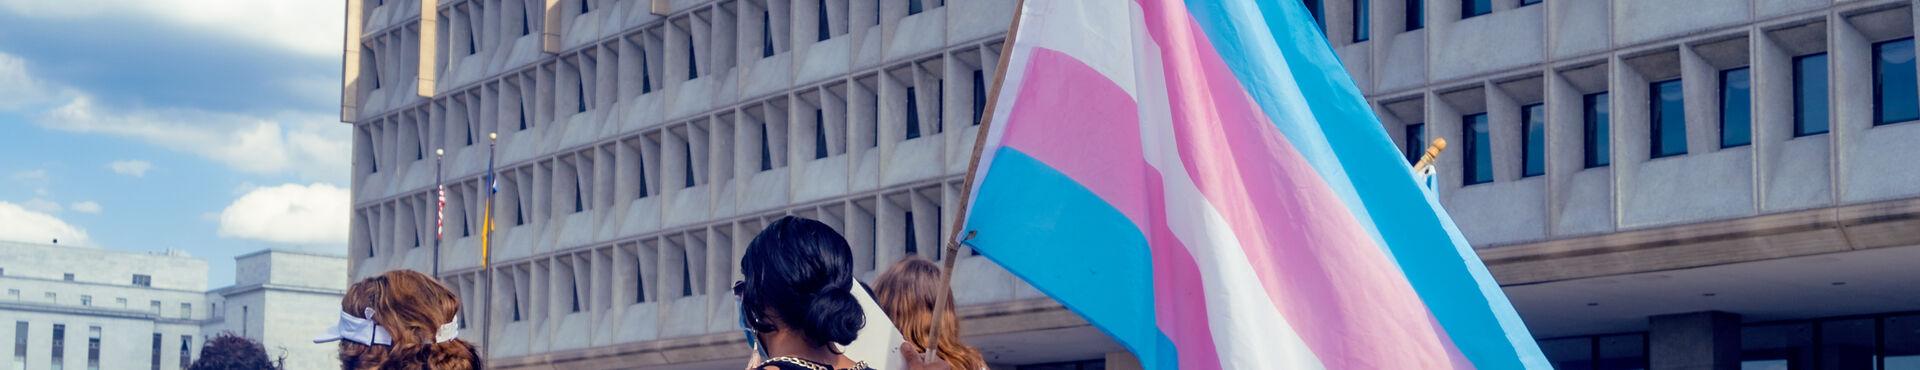 Banner - Comment être un allié des personnes trans